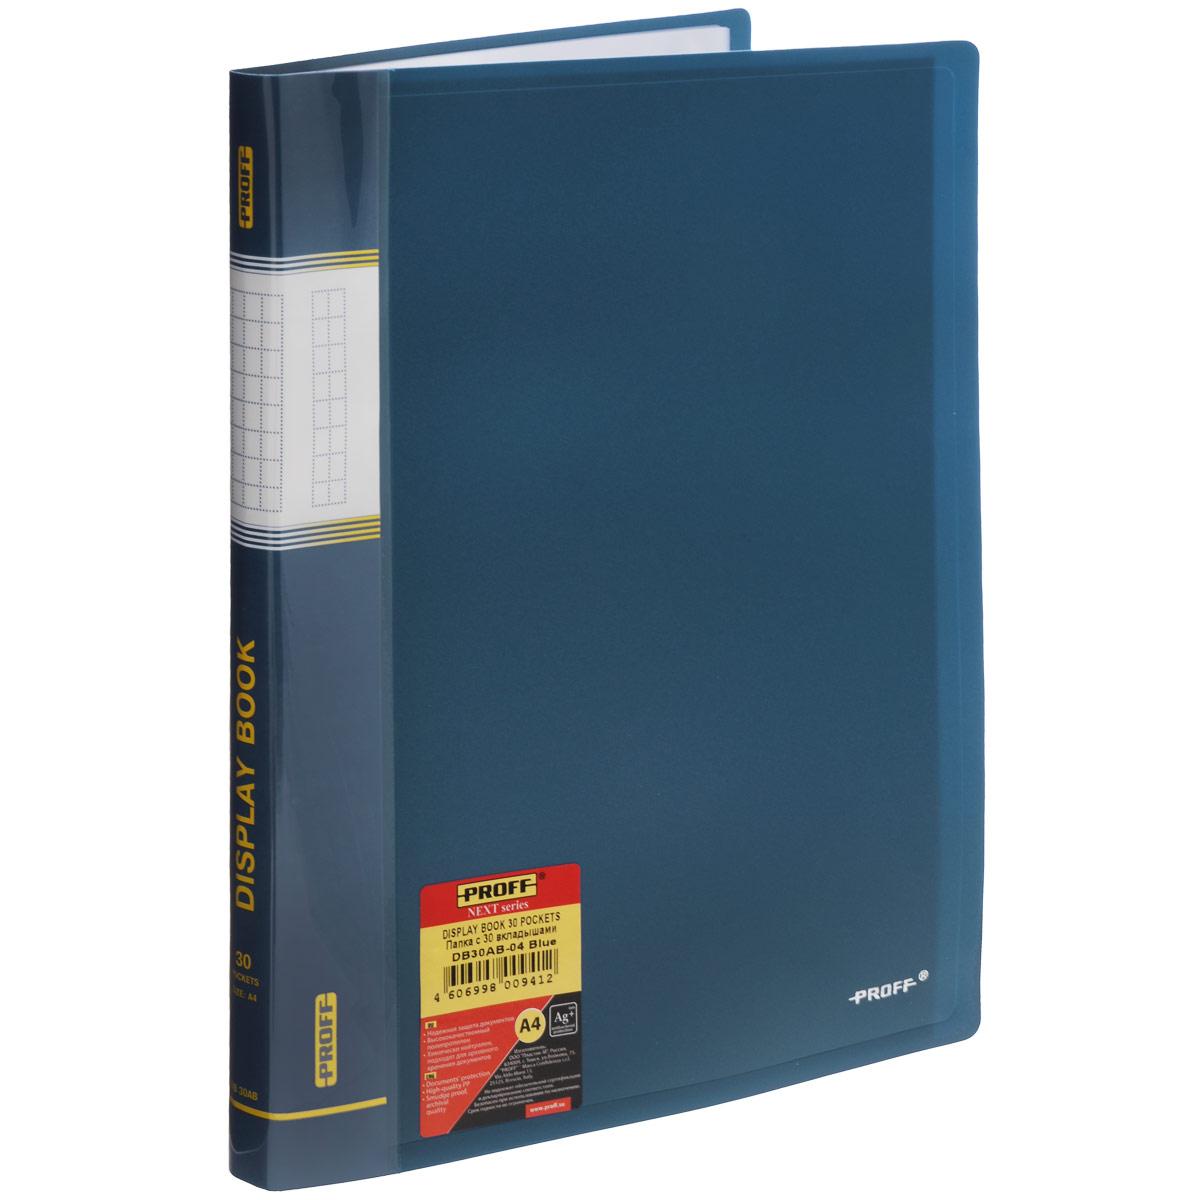 Proff Папка с файлами Next 30 листов цвет синийDB30AB-04Папка с файлами Proff Next - это удобный и практичный офисный инструмент, предназначенный для хранения и транспортировки рабочих бумаг и документов формата А4. Обложка выполнена из плотного полипропилена. Папка включает в себя 30 прозрачных файлов формата А4. Папка с файлами - это незаменимый атрибут для студента, школьника, офисного работника. Такая папка надежно сохранит ваши документы и сбережет их от повреждений, пыли и влаги.